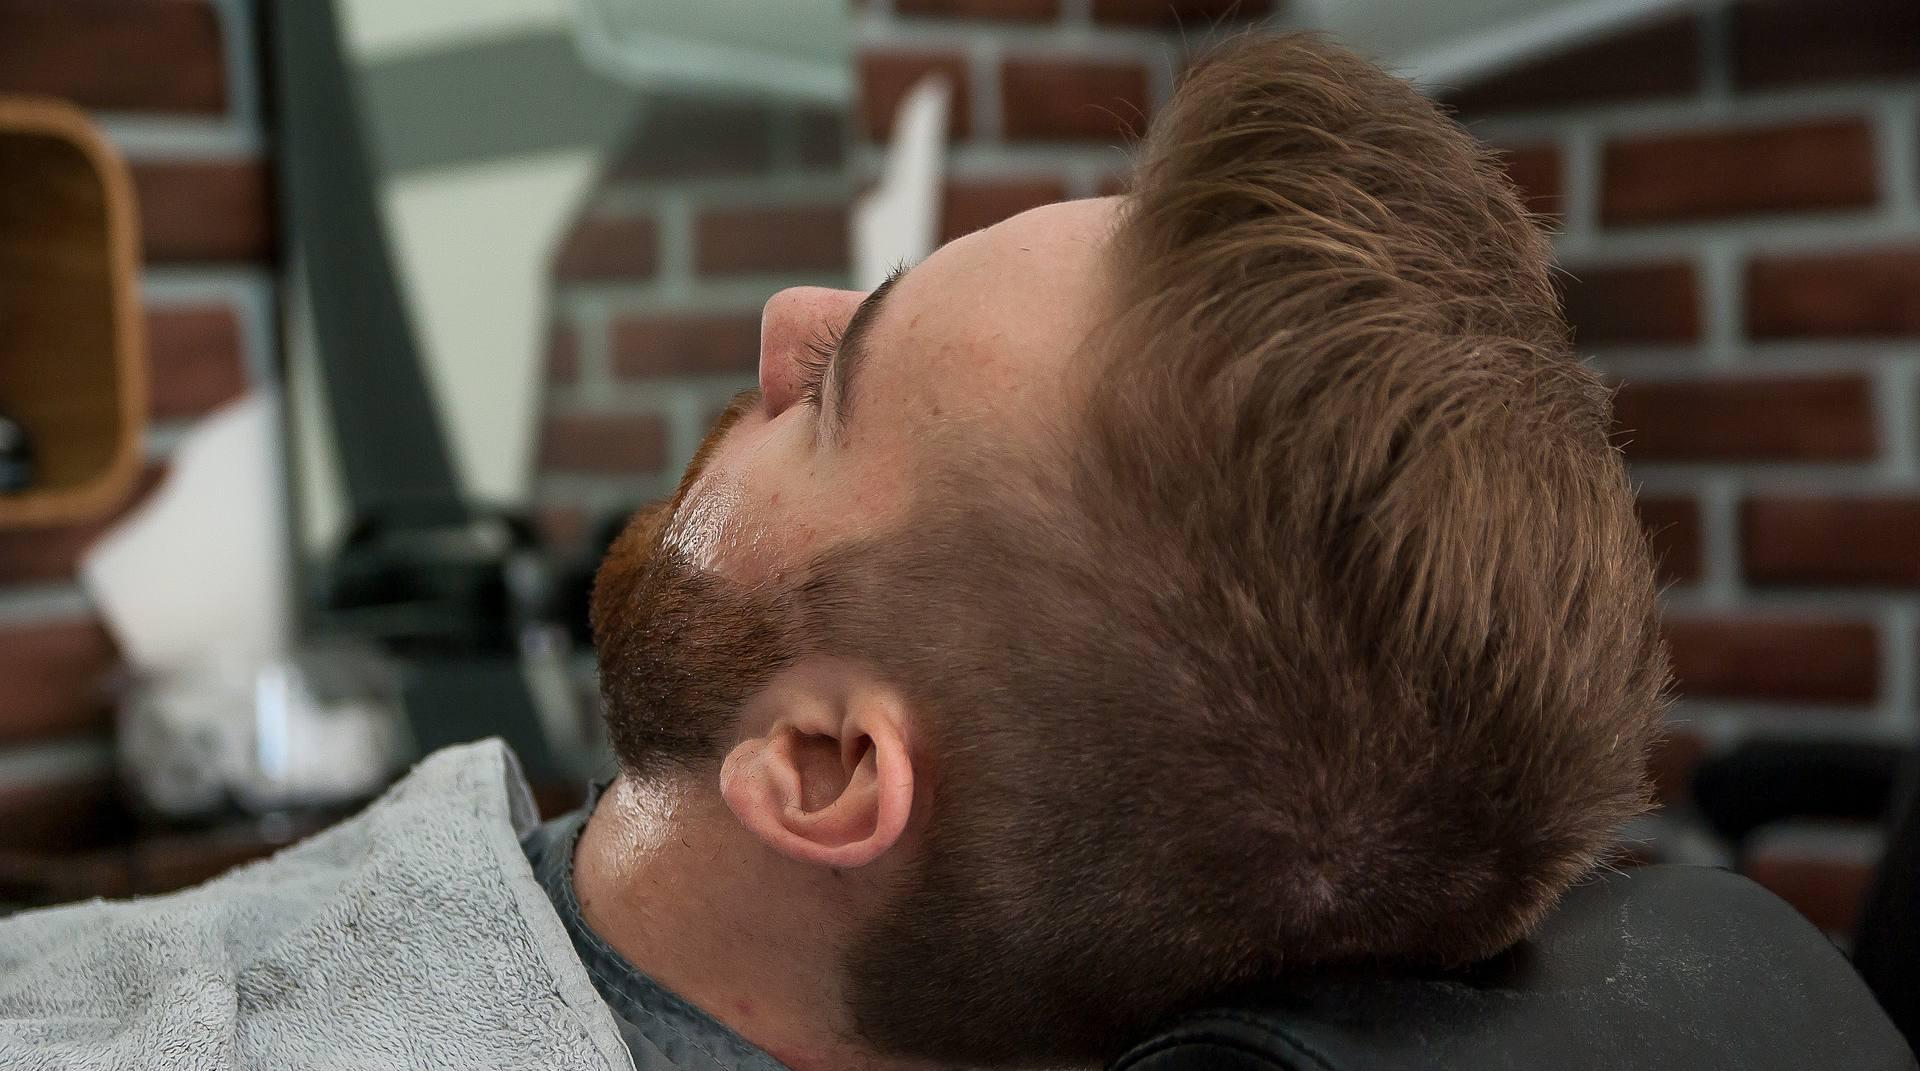 Barber Shop Insurance